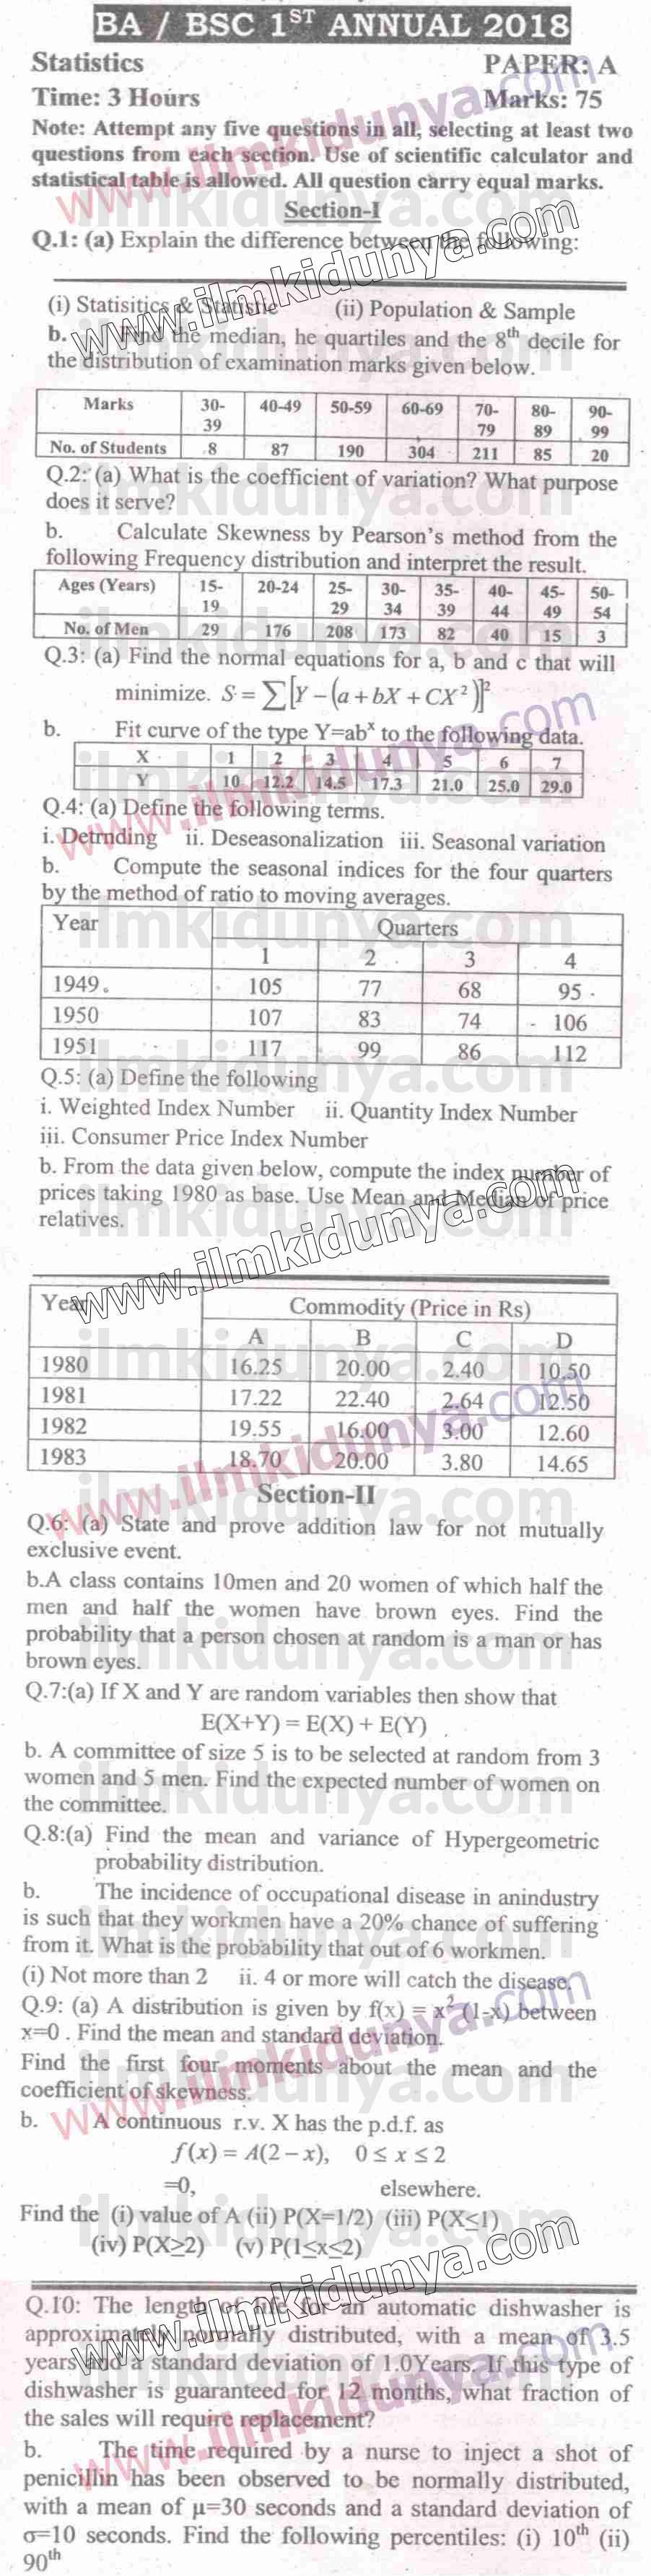 Past Paper 2018 Sargodha University BA BSc Statistics Paper A